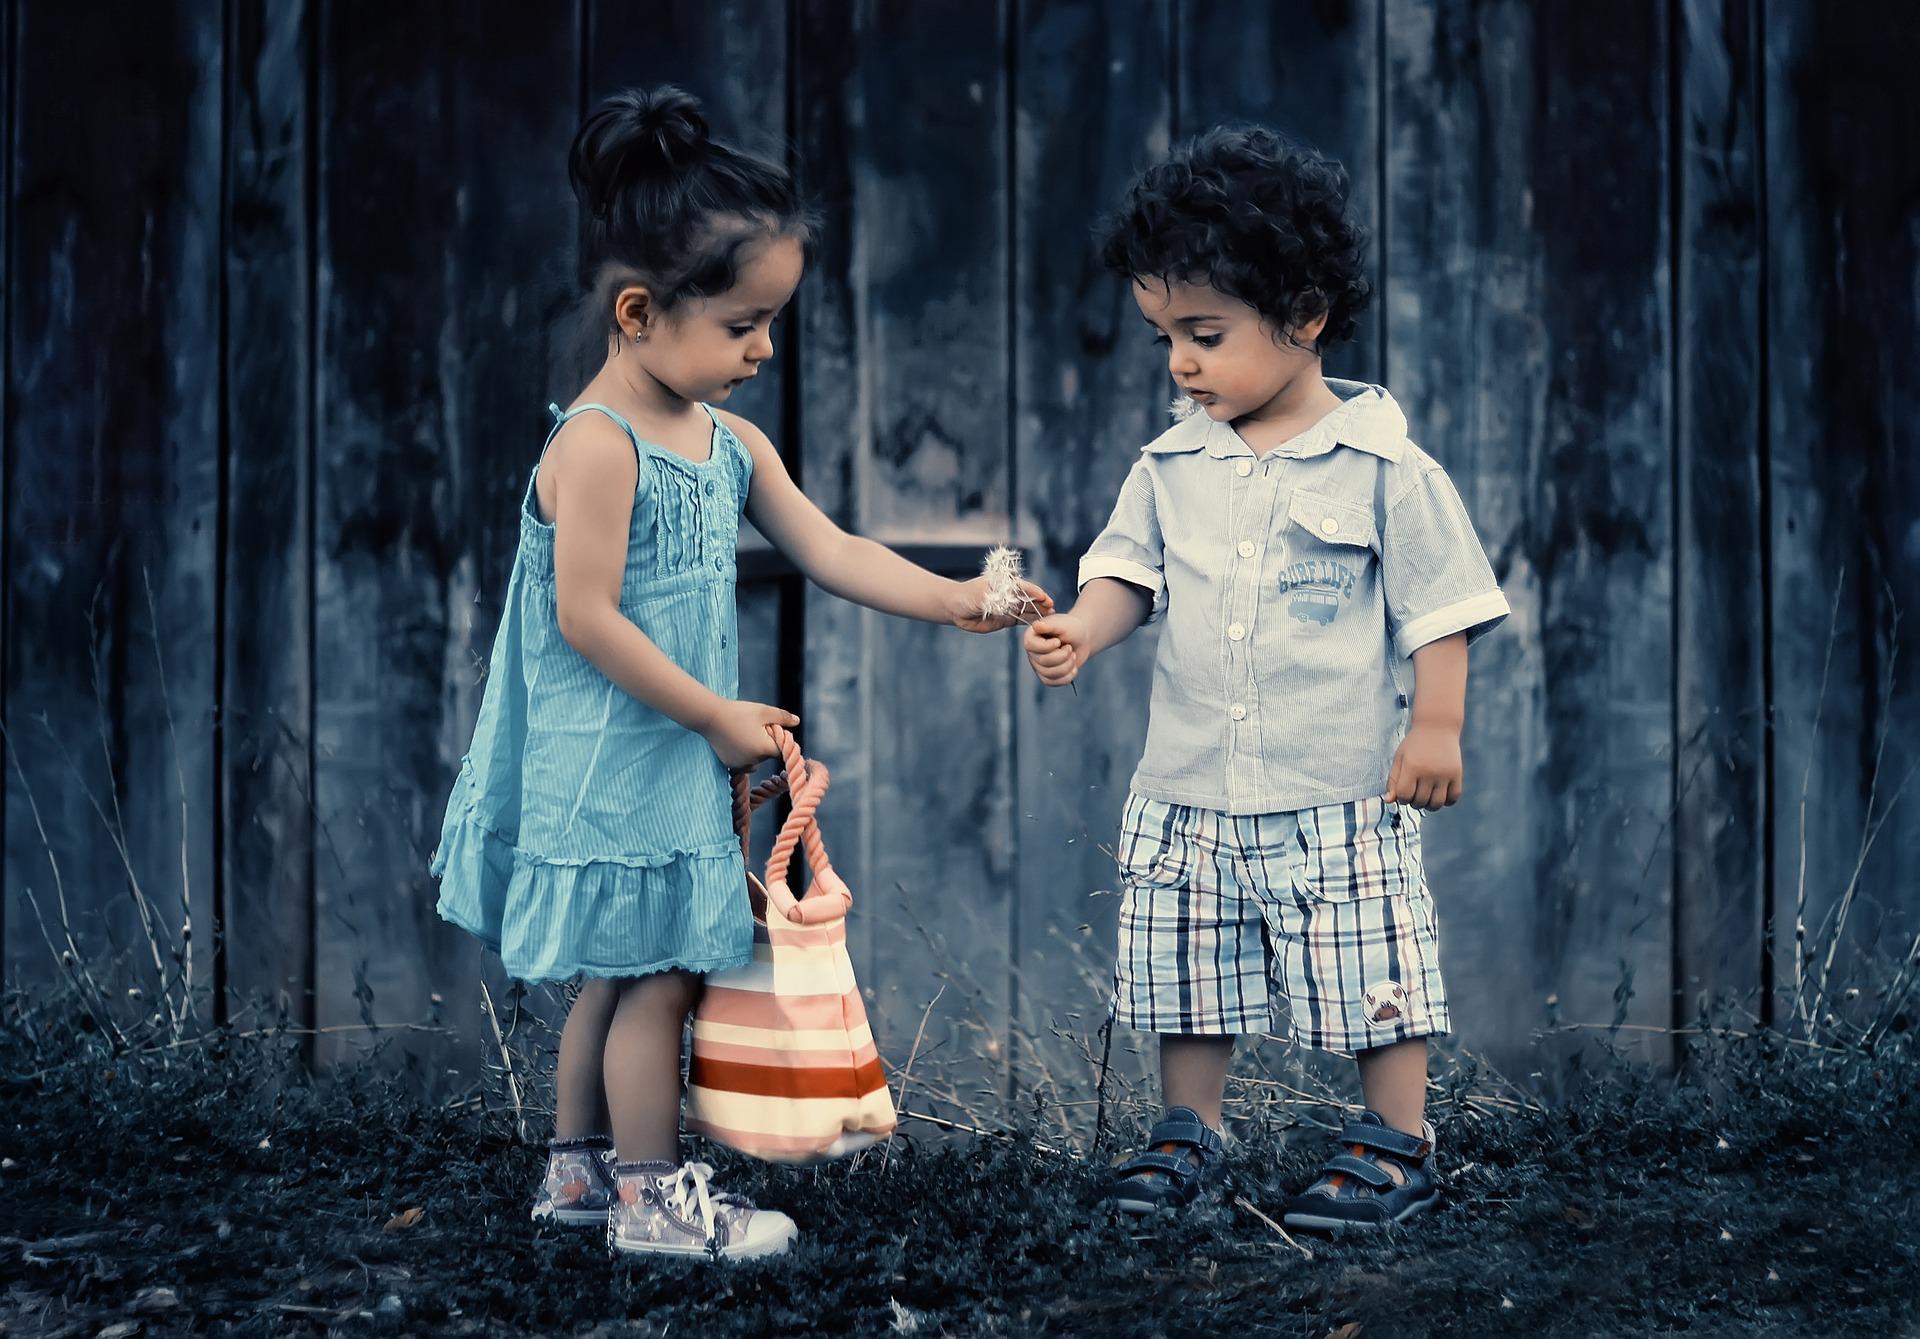 Quel cadeau offrir à son amoureux en fonction de sa personnalité?